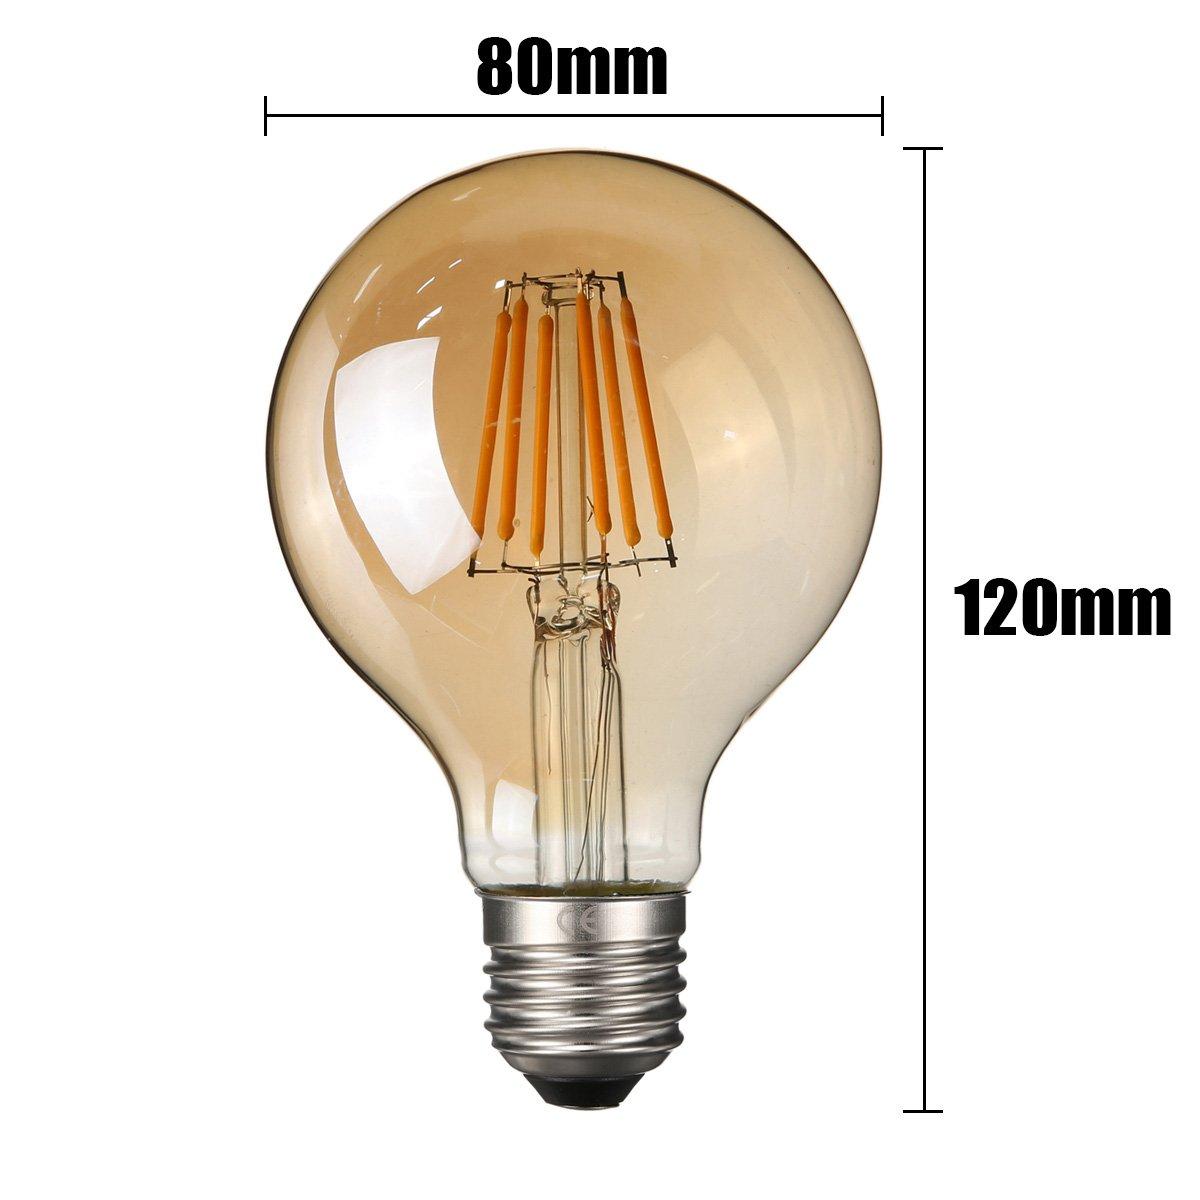 Ampoule Vintage LED Elfeland E27 6W Ampoule Edison Lampe R/étro Antique Dimmable Ampoule D/écorative Amber 600LM 2200K Lumi/ère Blanc Chaud pour Lustres Plafonniers Mod/èle G80-3 Packs